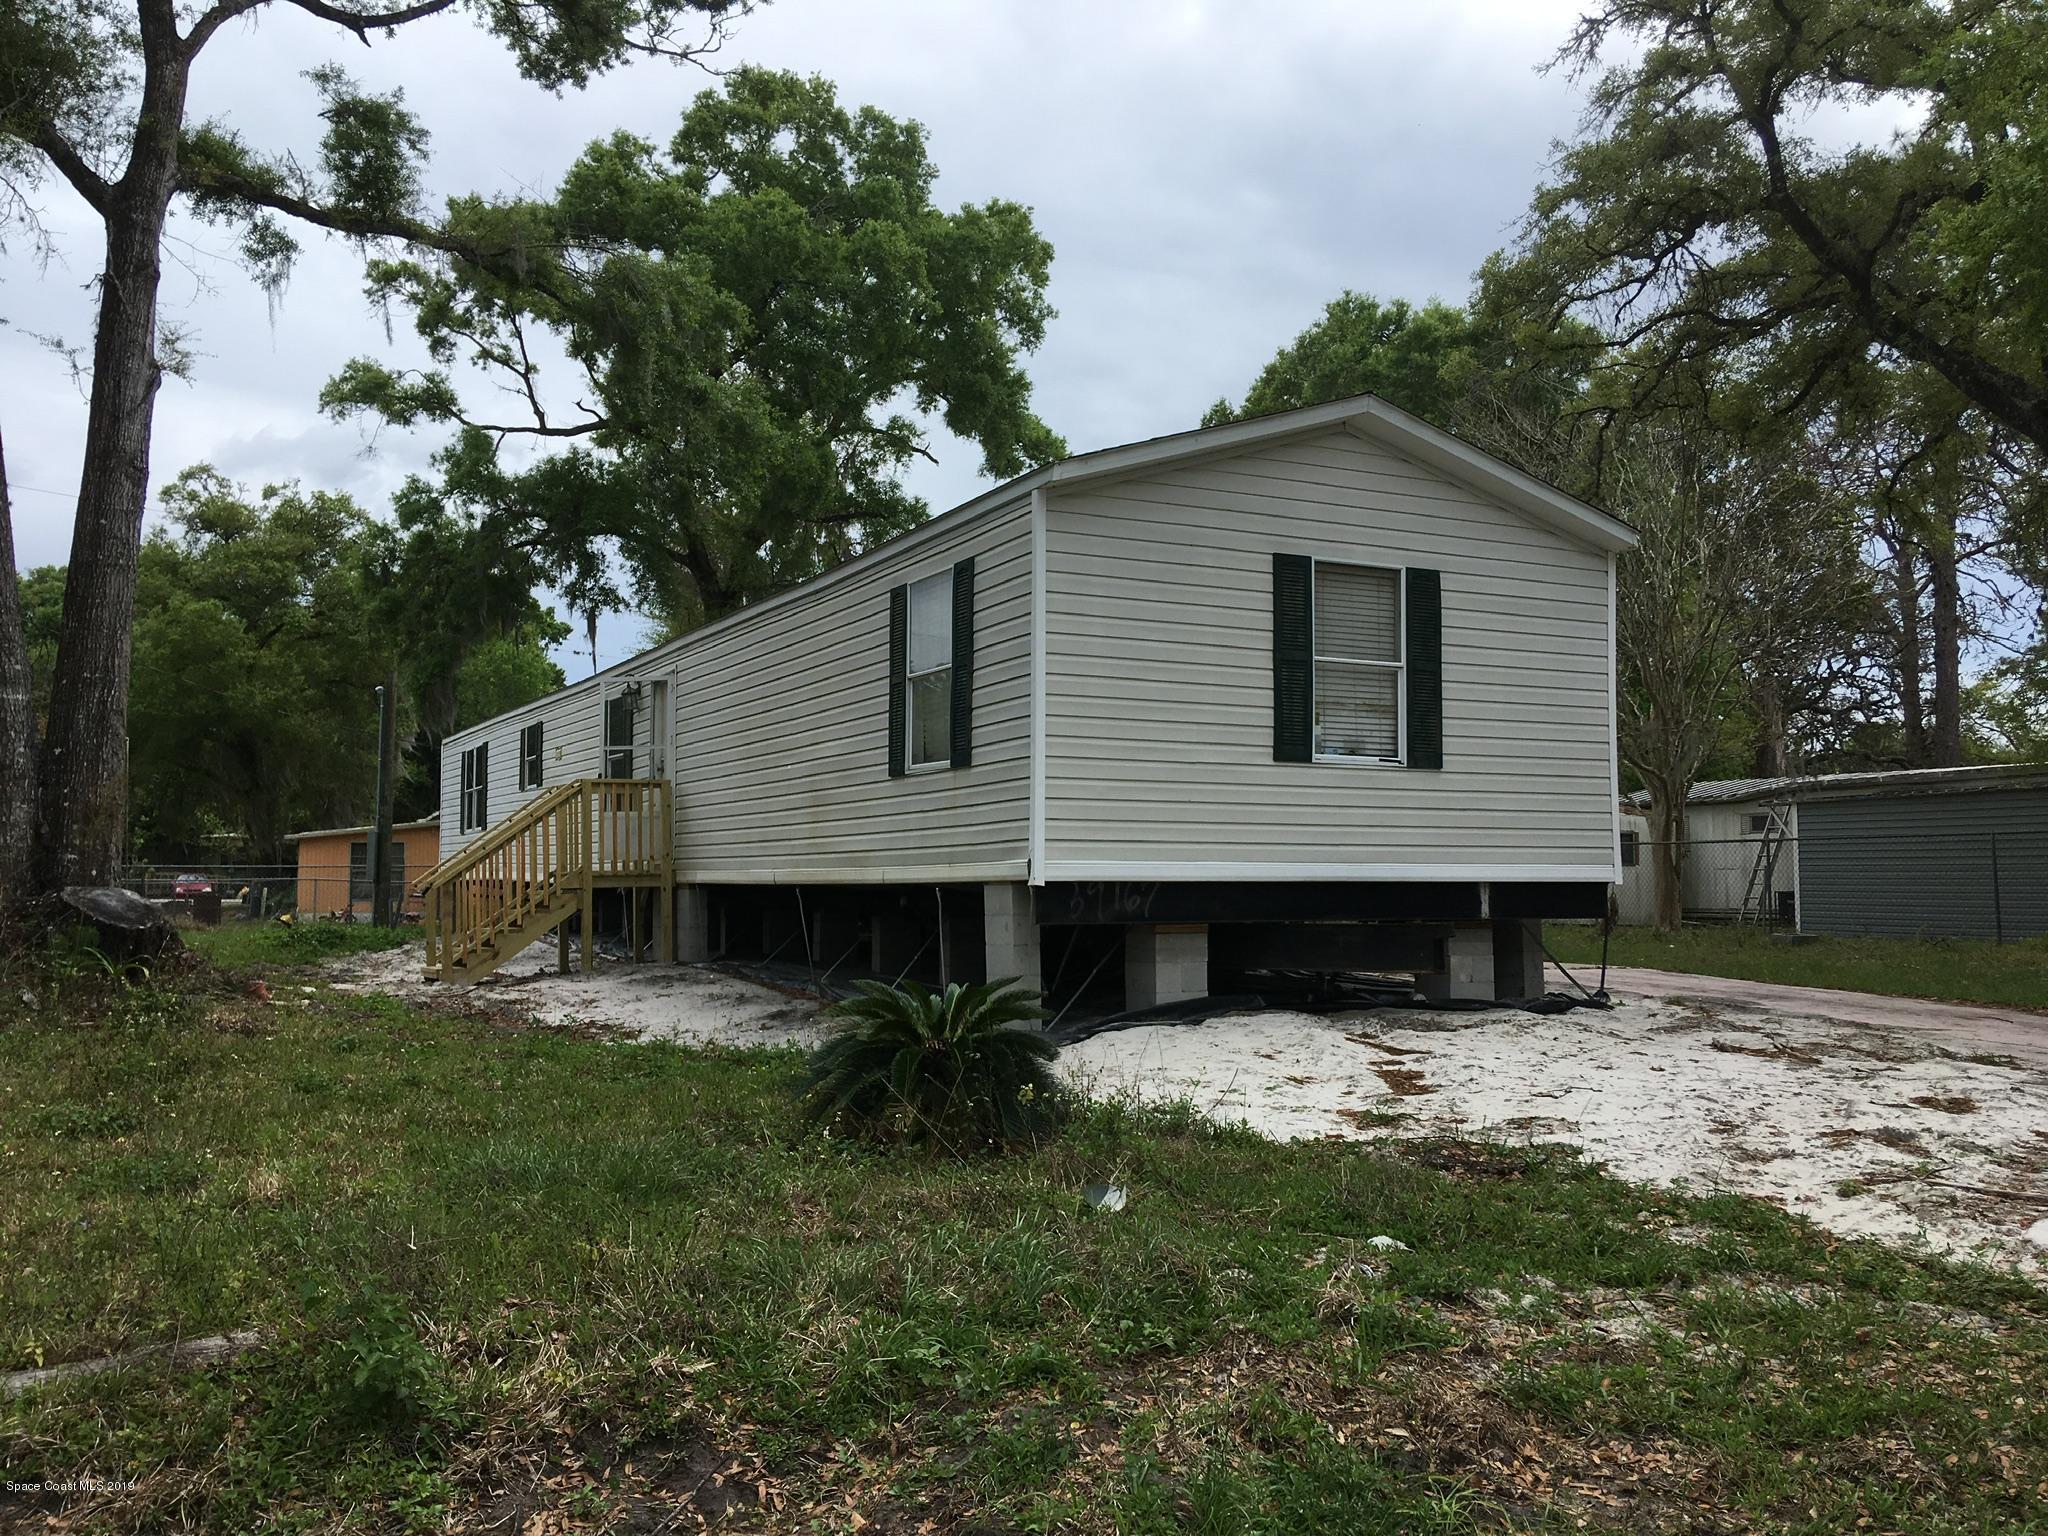 Tek Ailelik Ev için Satış at 4152 Woodland 4152 Woodland Deland, Florida 32724 Amerika Birleşik Devletleri